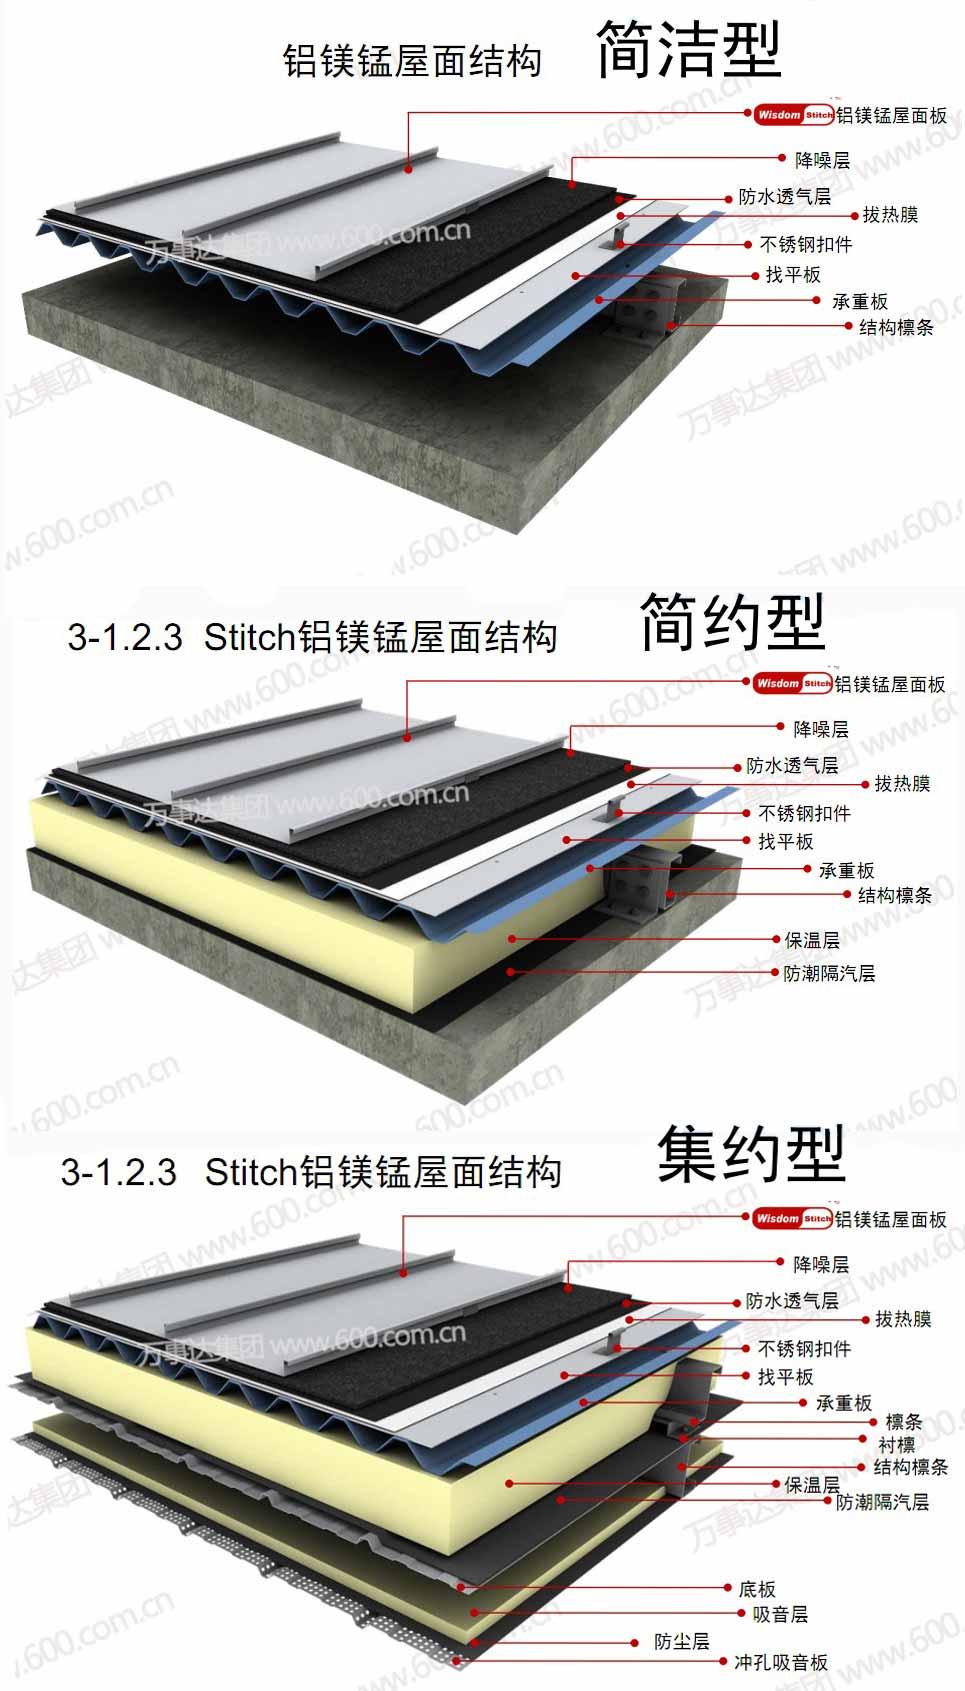 直立锁缝铝镁锰屋面板 >> 直立锁缝铝镁锰屋面板      铝镁锰合金重量